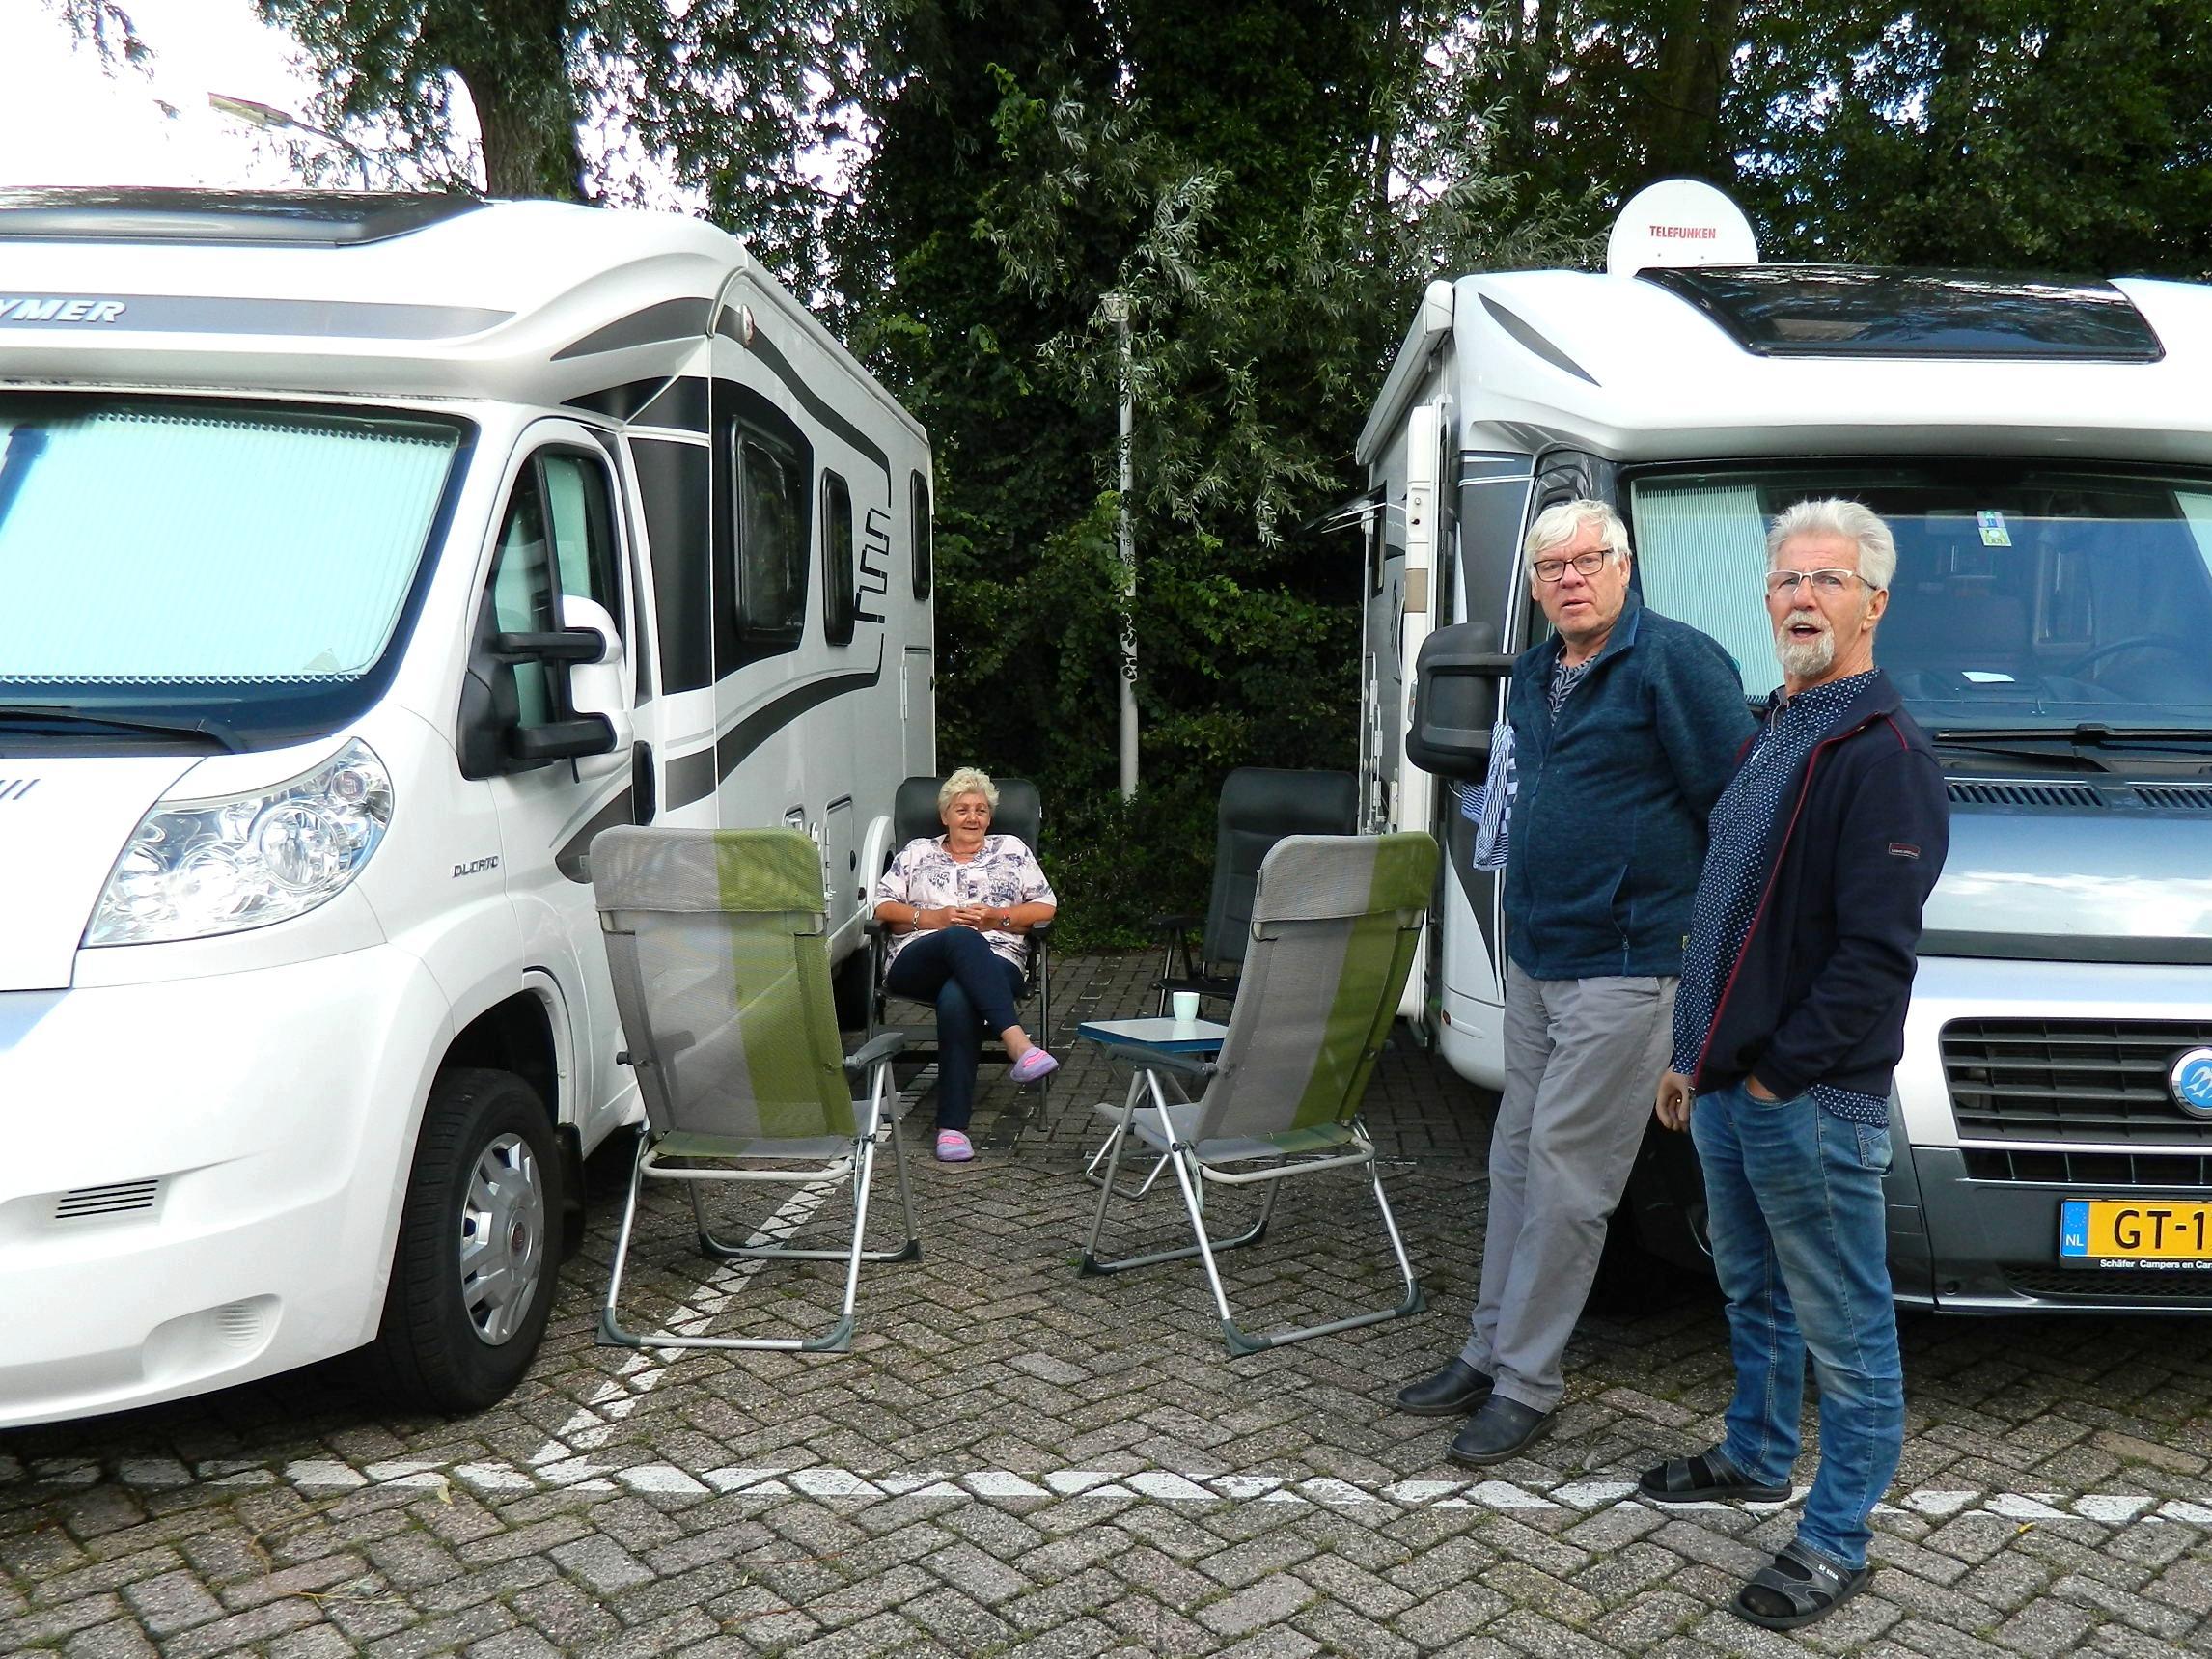 Campertoerist wil best betalen voor een mooiere plaats dan het parkeerterrein achter station Zaandijk